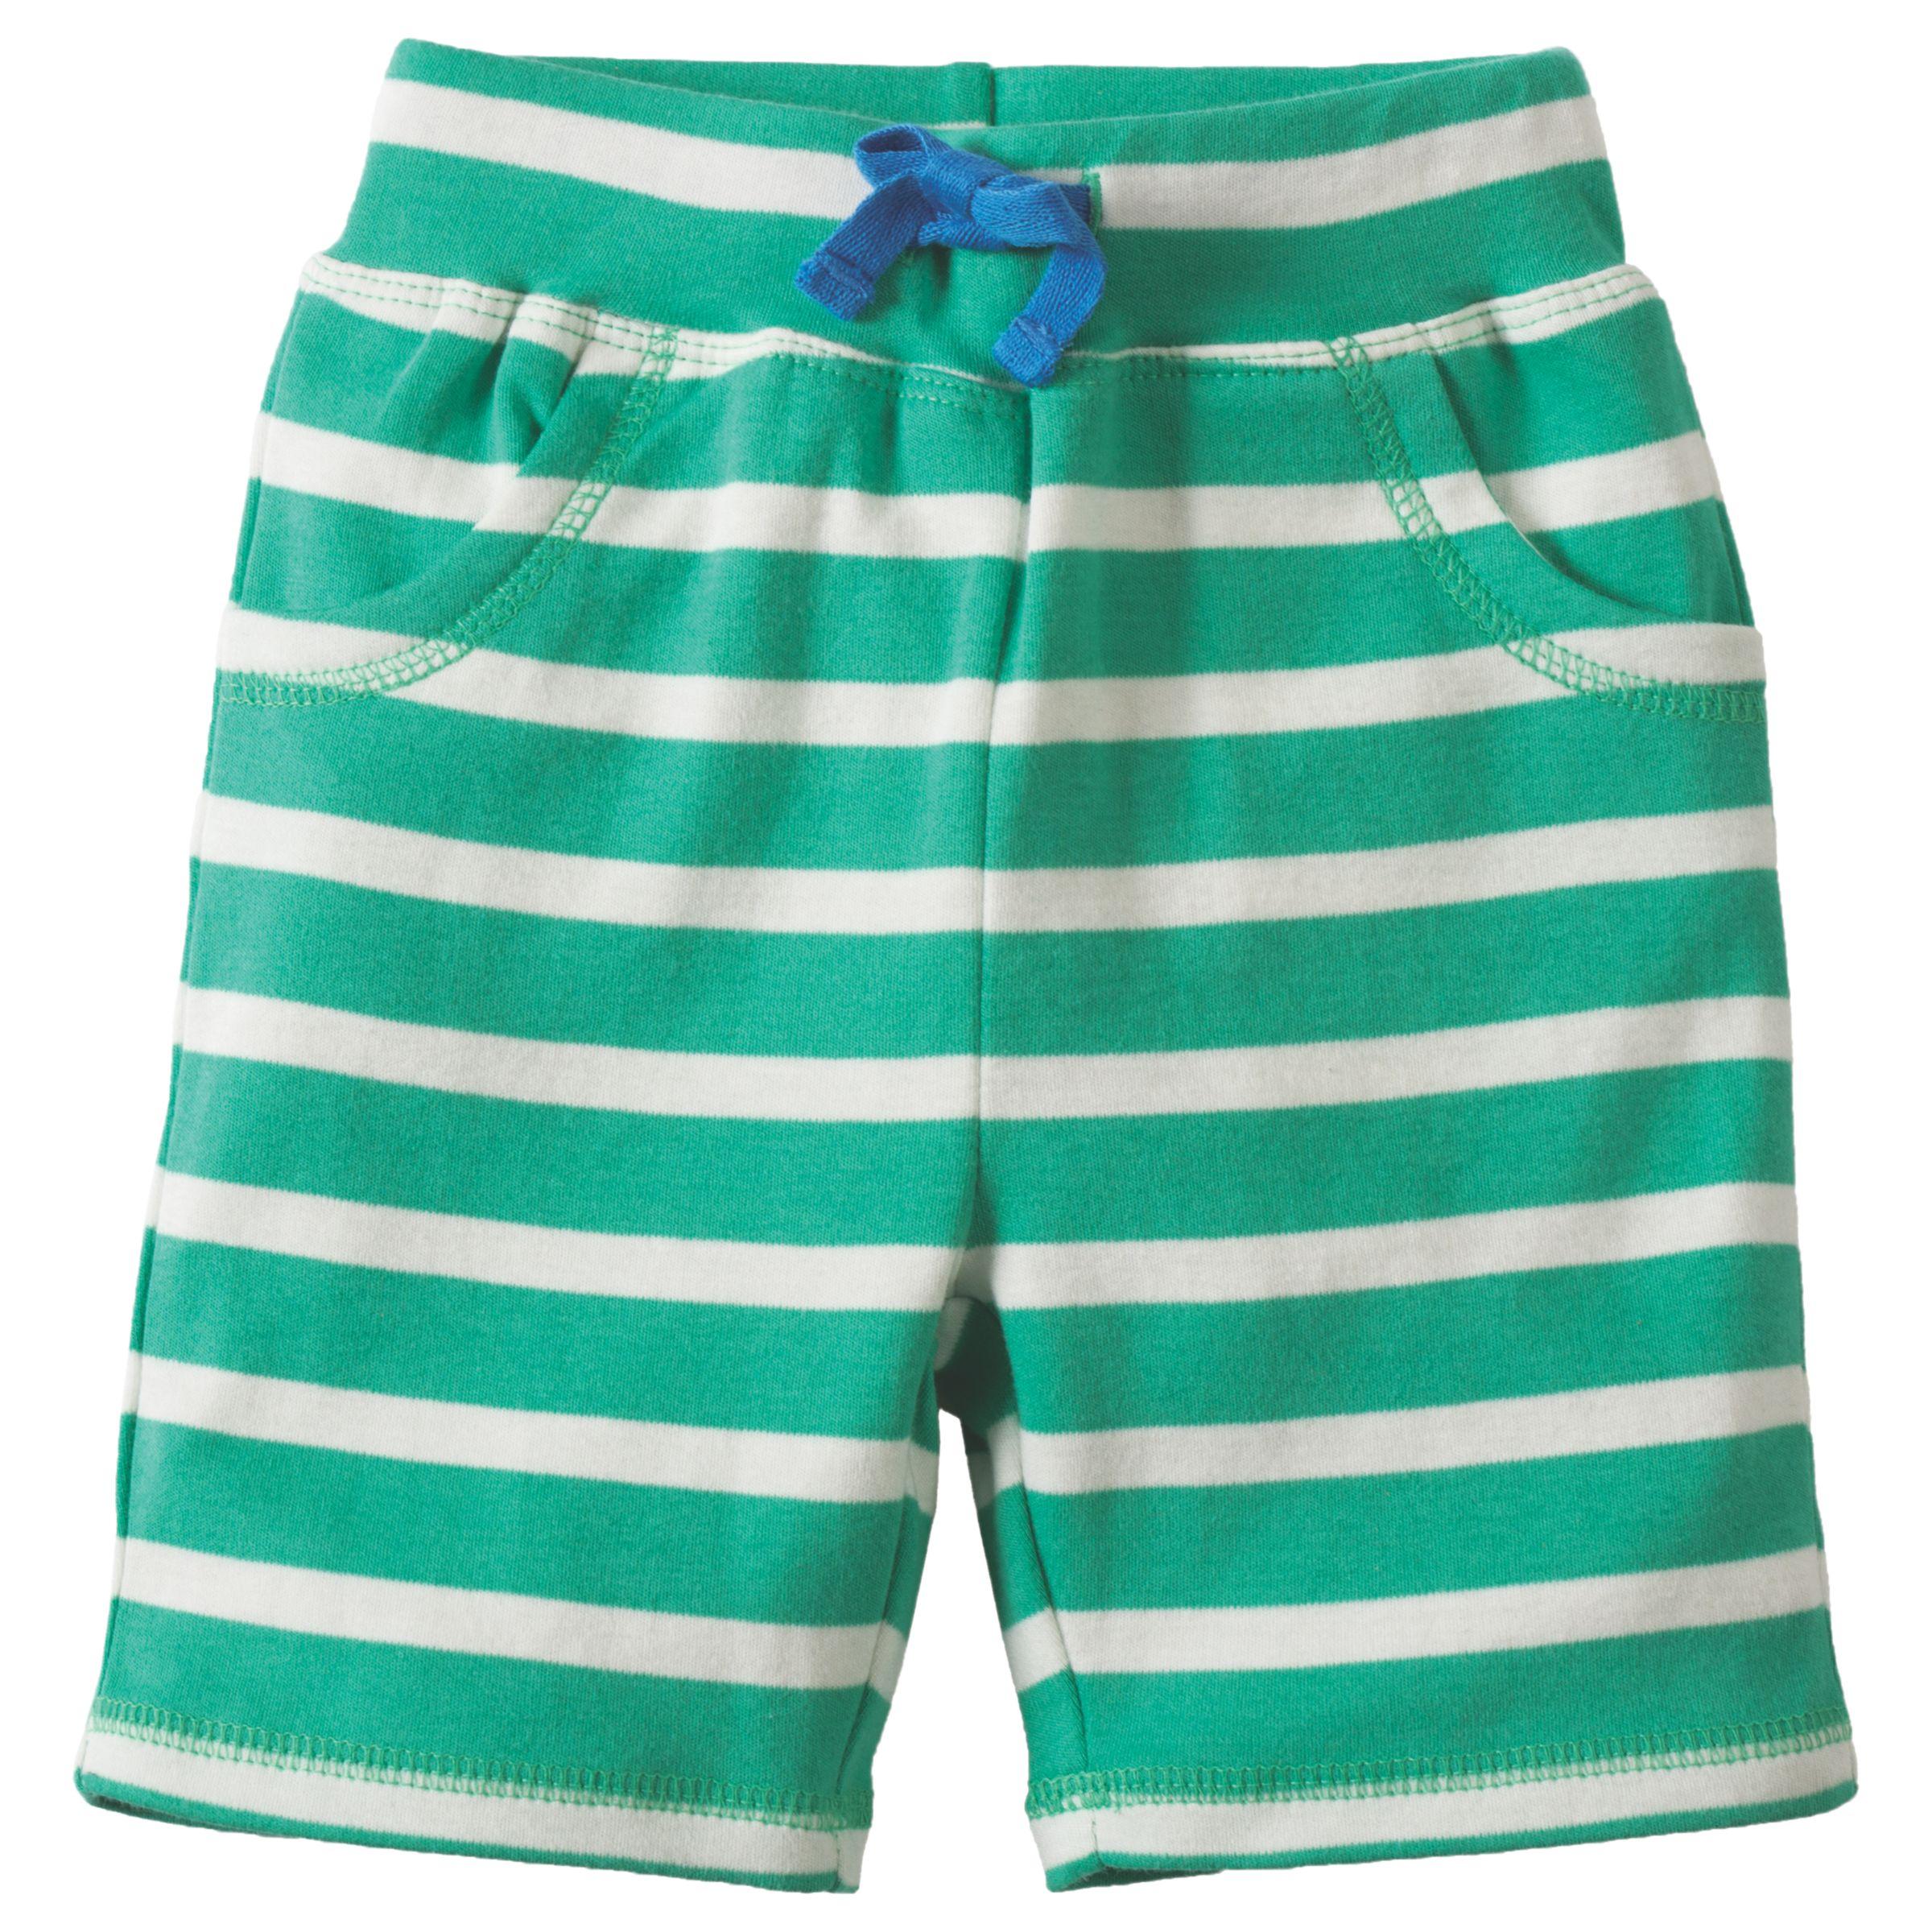 Frugi Frugi Organic Baby Little Stripy Shorts, Green/White